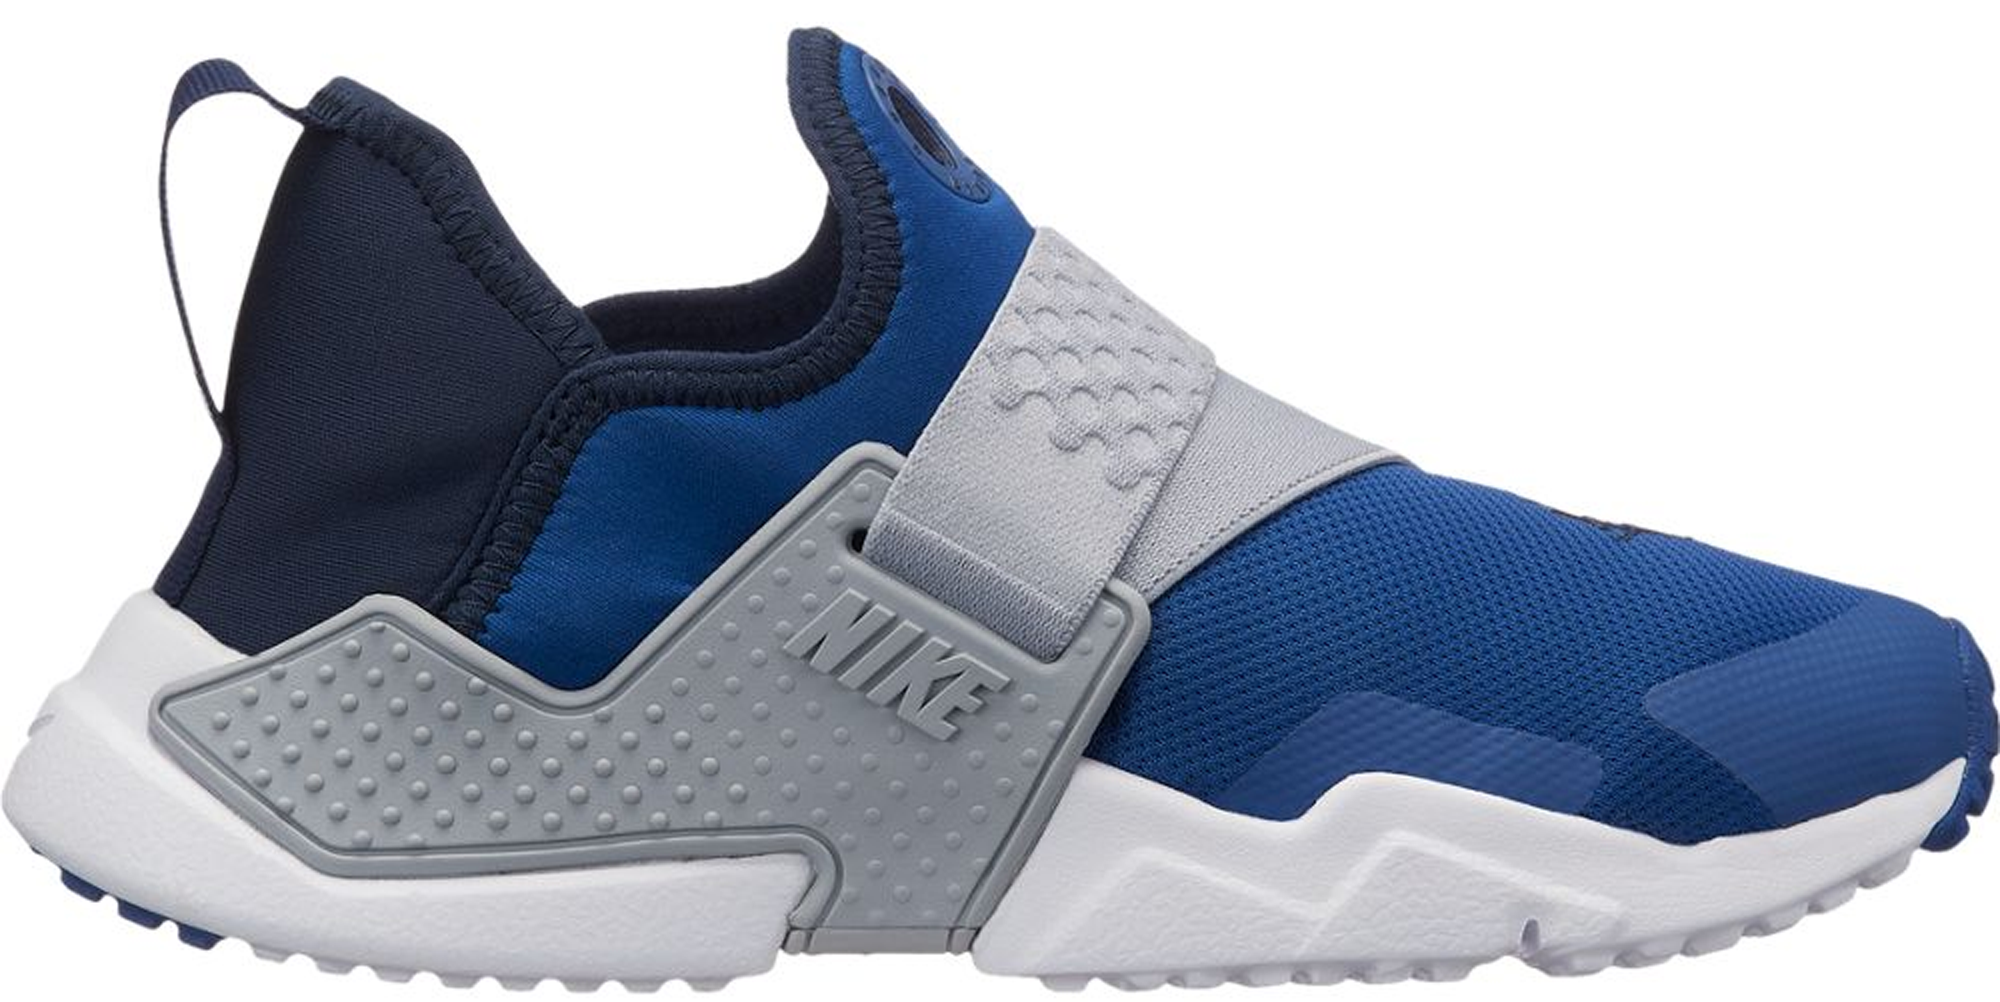 Nike Huarache Extreme Gym Blue (GS